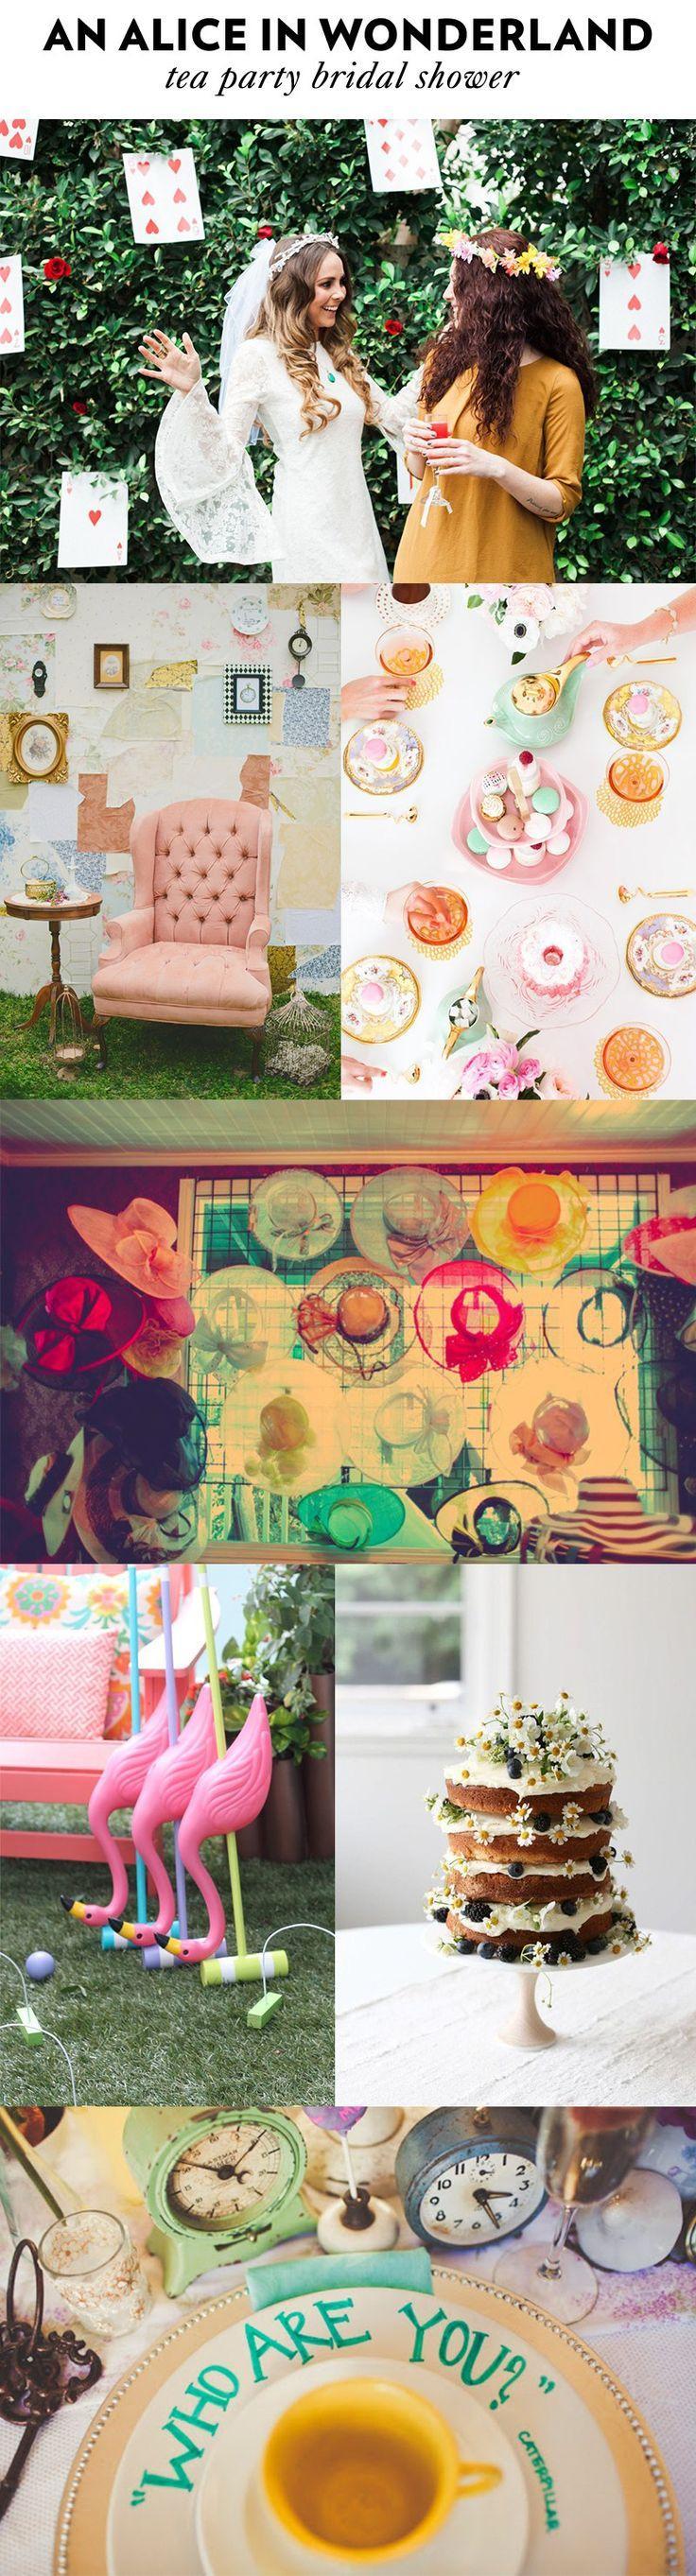 Erfreut Themen Für Küche Tee Party Galerie - Küchenschrank Ideen ...